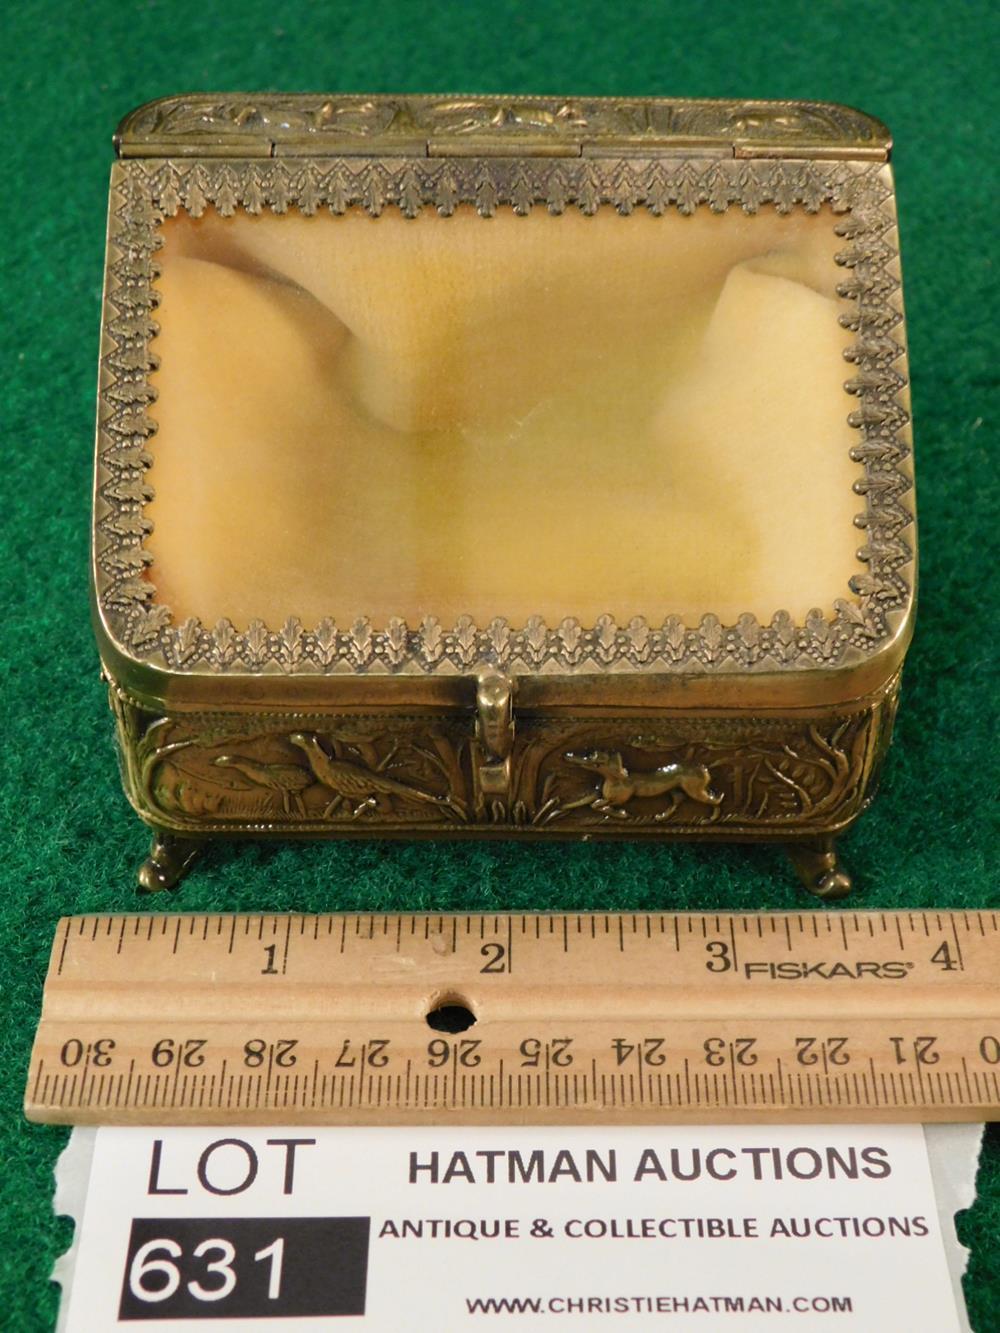 VINTAGE JEWELRY CASKET JEWELRY BOX